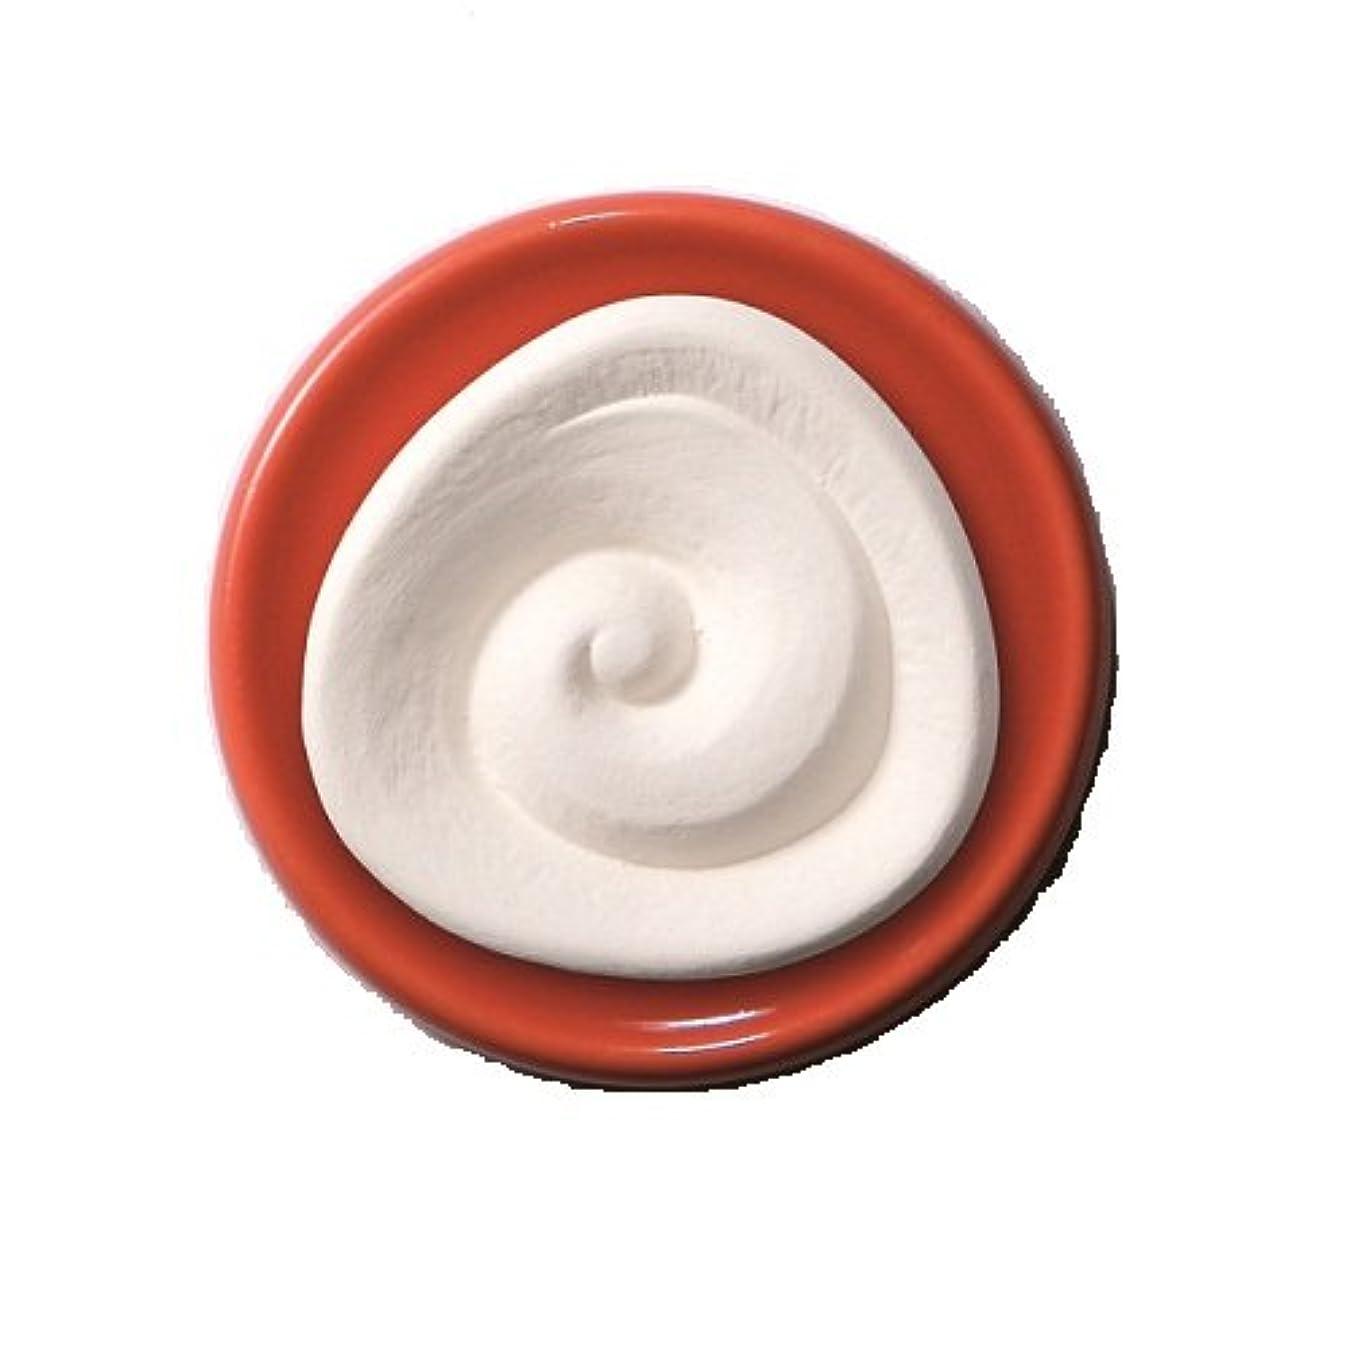 アルカイックランドマークスーパーNeumond(ノイモンド)香りの小皿 スパイラル